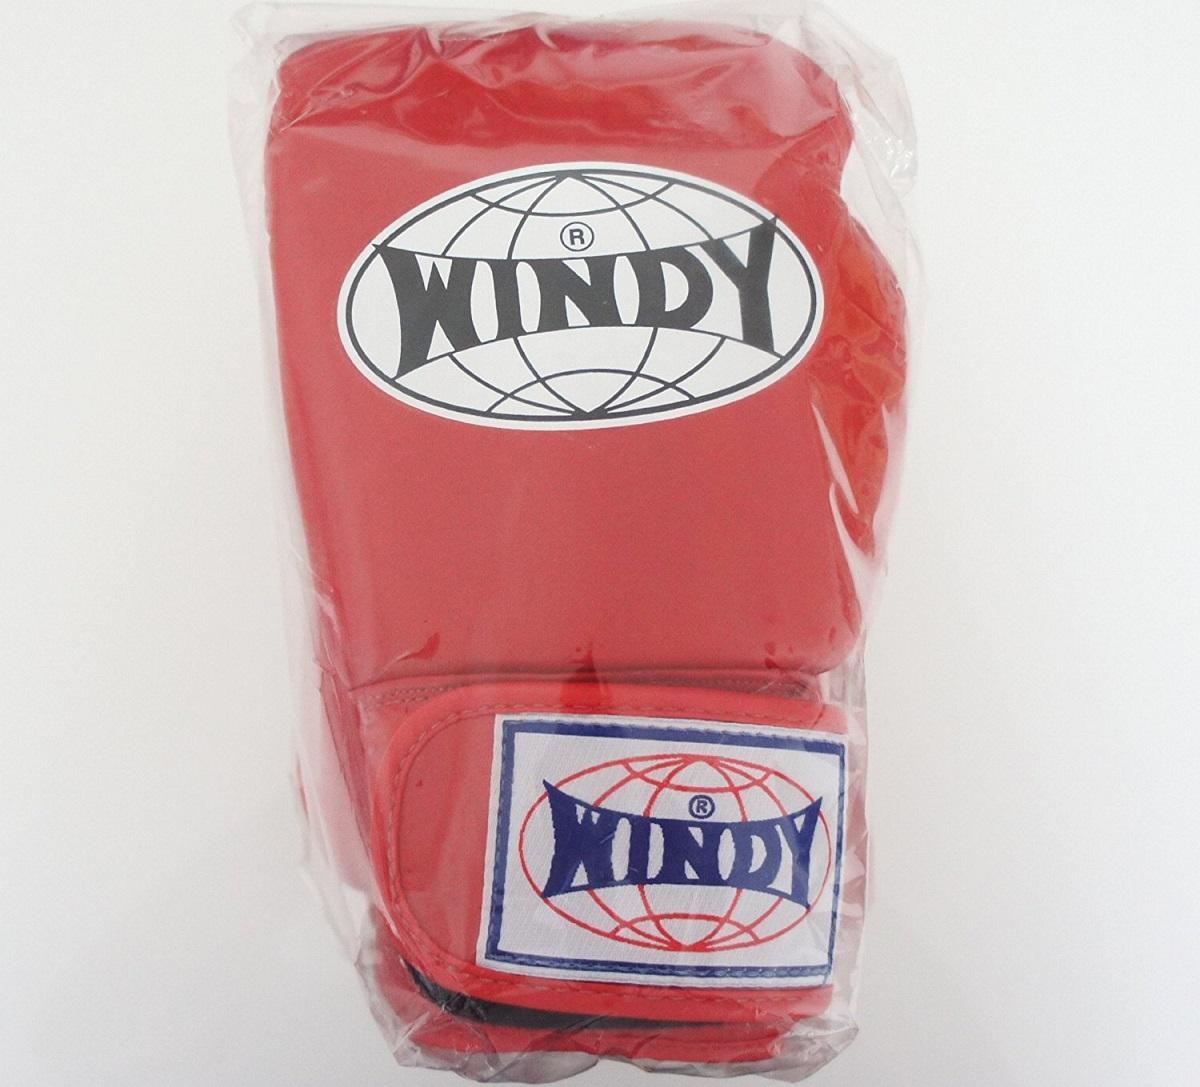 WINDY ウインディ 本革製キックボクシング グローブ 赤 6オンス